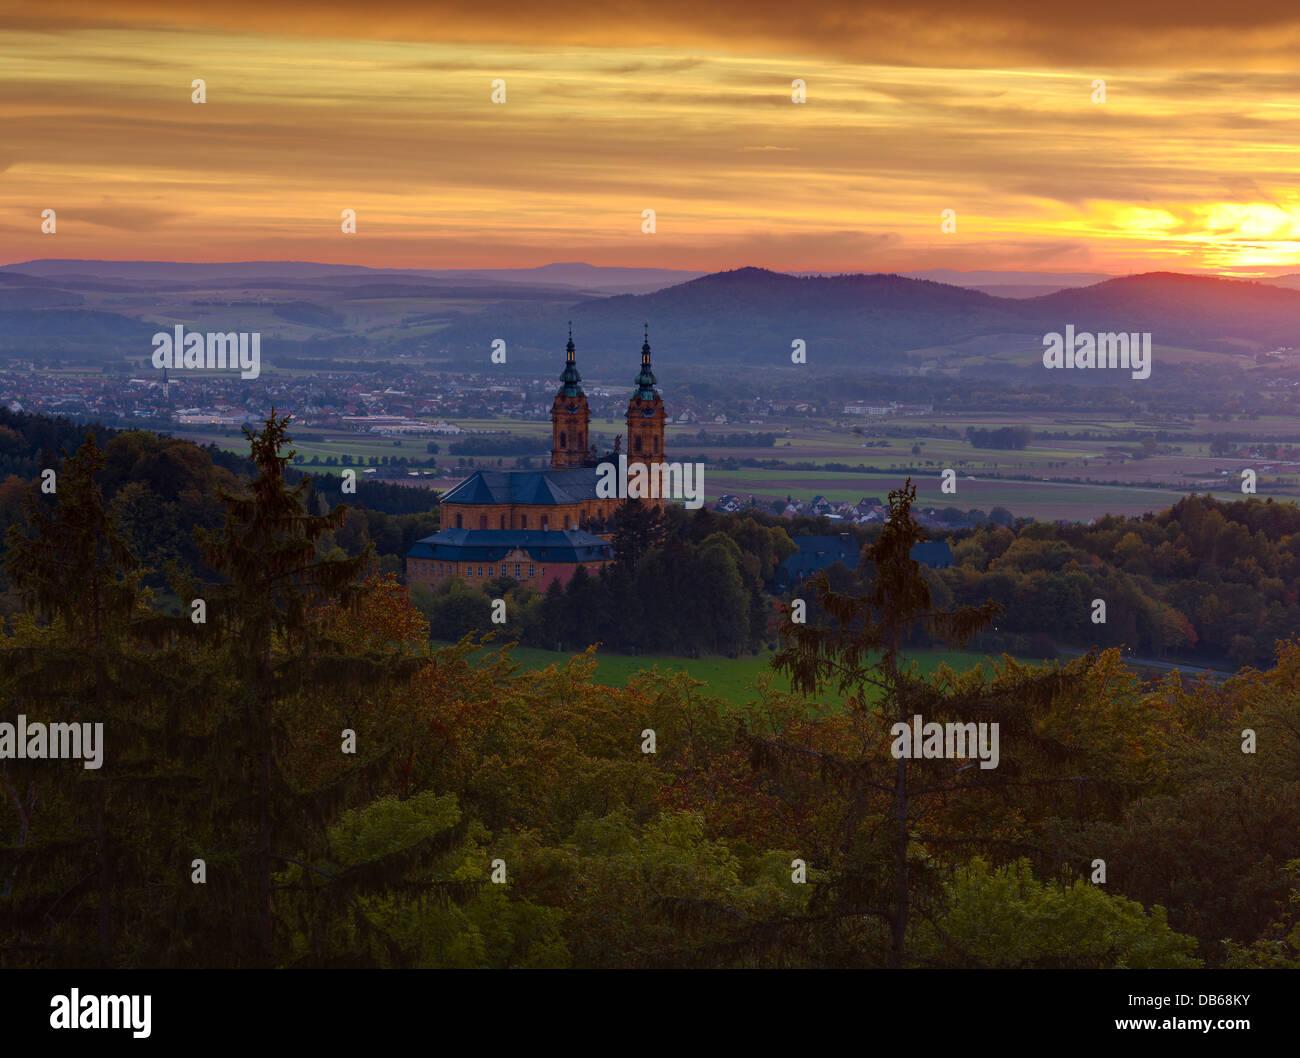 La iglesia de peregrinación de los catorce Ayudantes Santo, Bad Staffelstein Alta Franconia, Baviera, Alemania Imagen De Stock